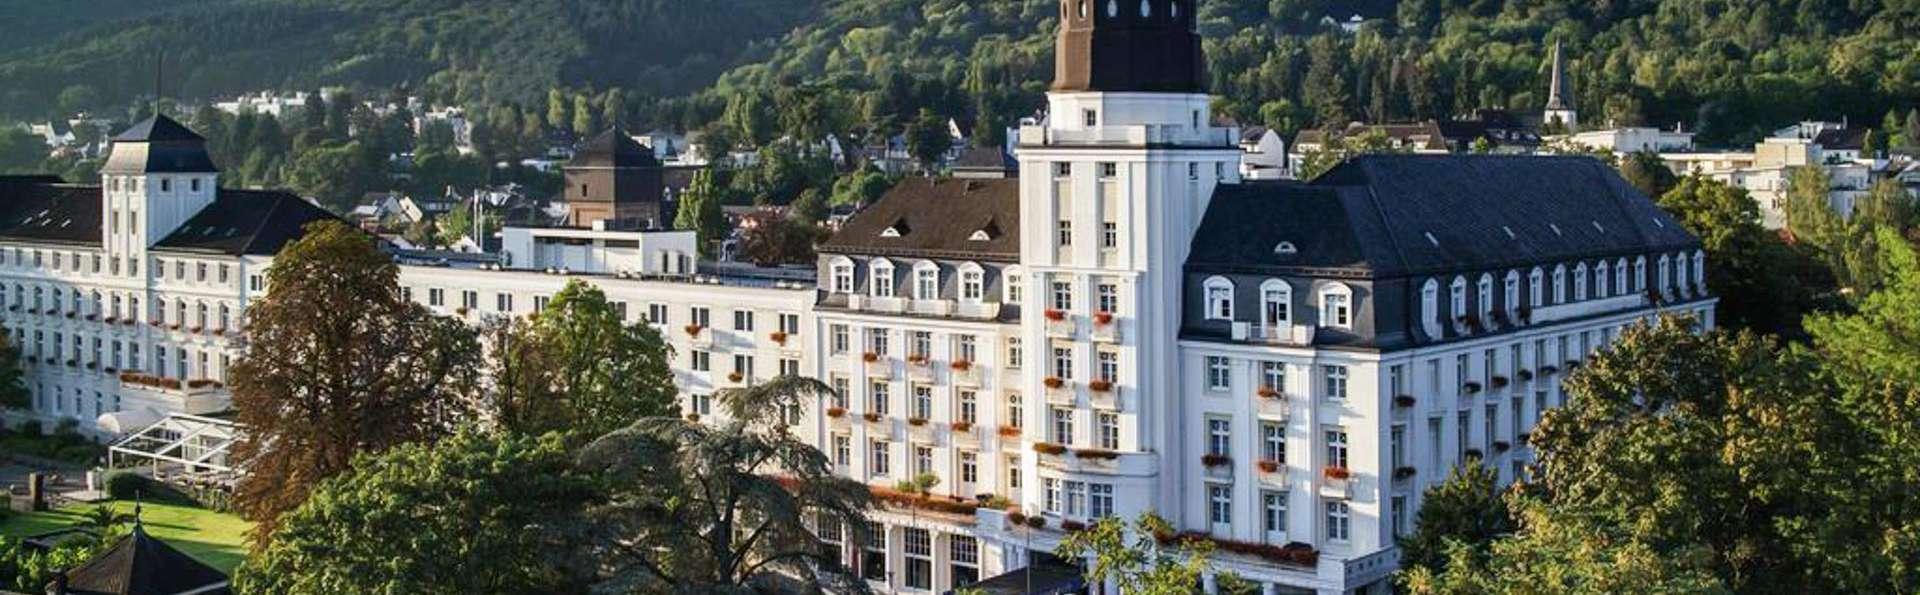 Steigenberger Bad Neuenahr - EDIT_WEB_FRONT_01.jpg